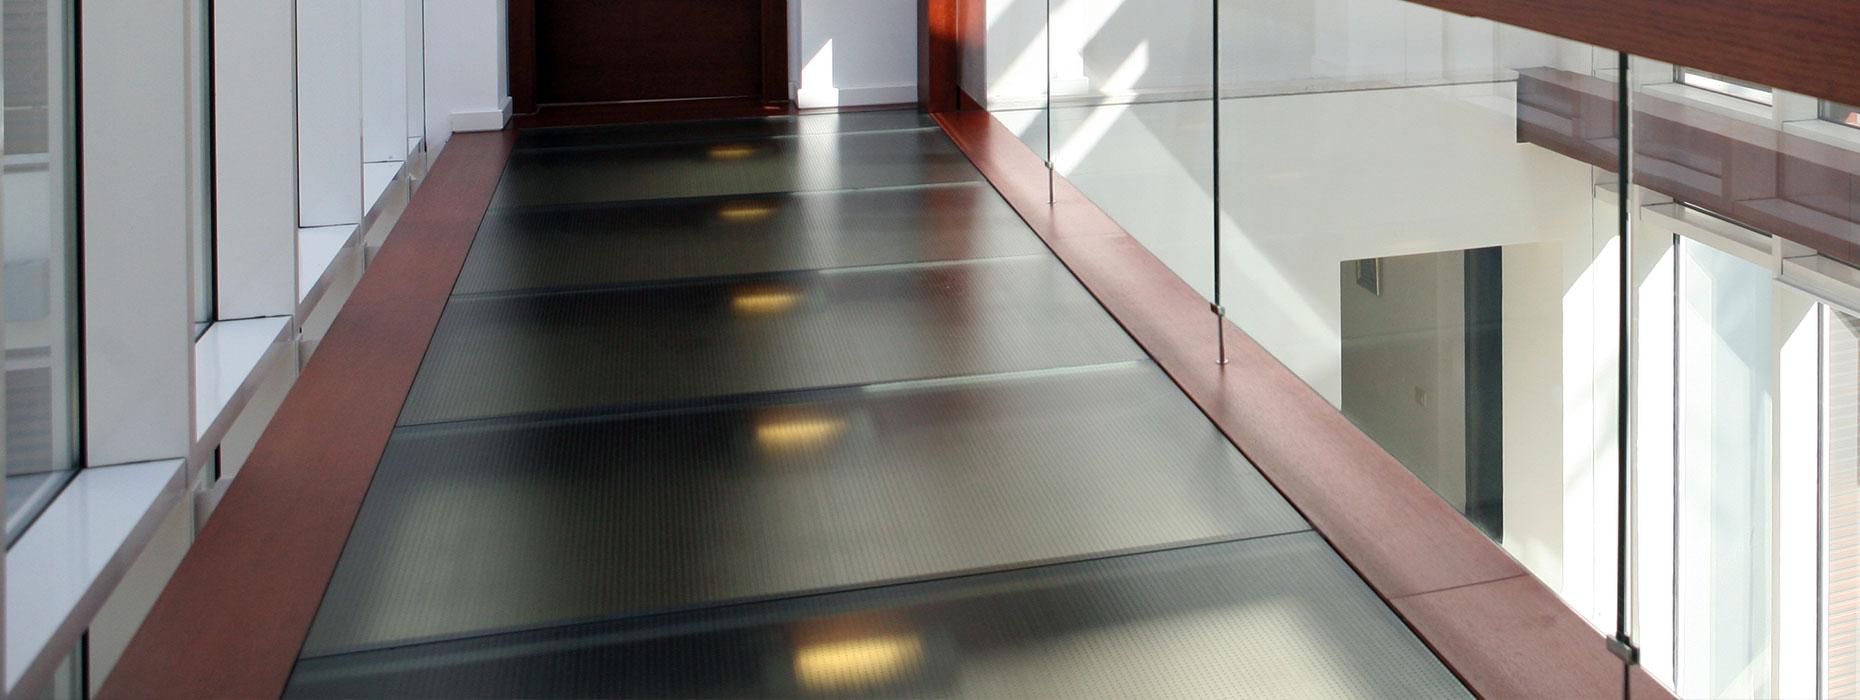 progettazione pavimenti in vetro